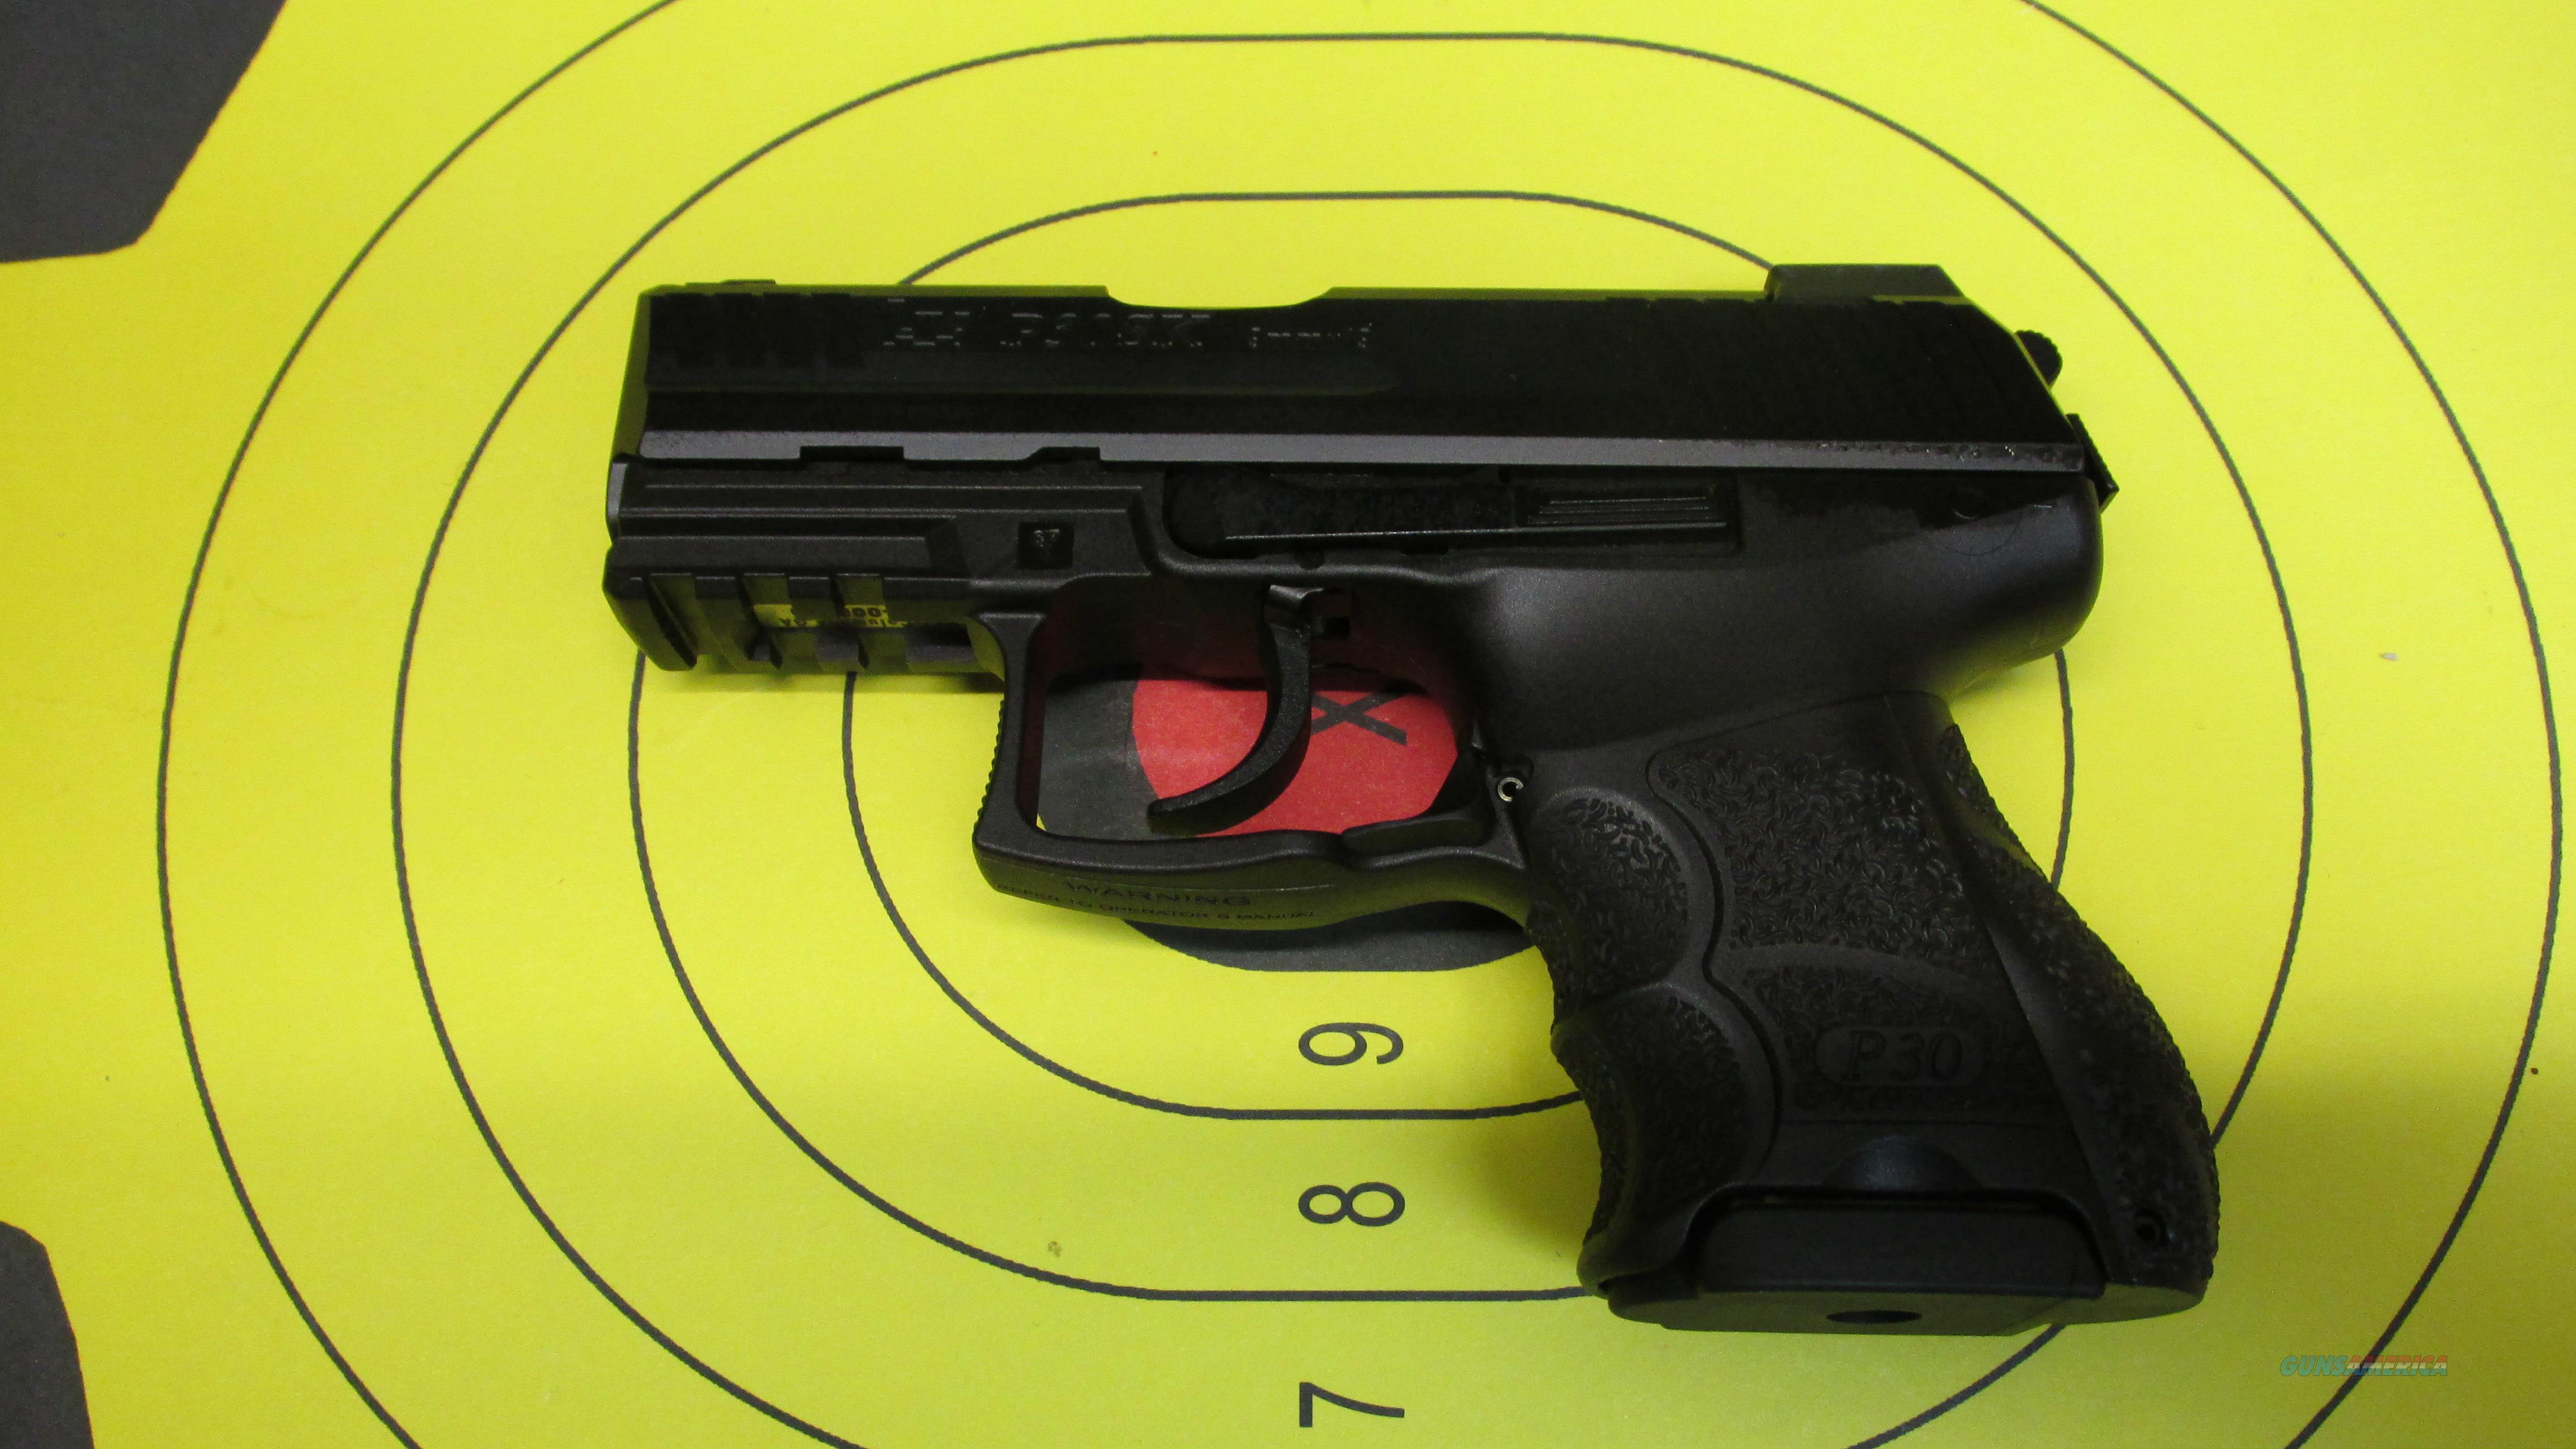 """HECKLER & KOCH P30SK 9MM PISTOL WITH NIGHT SIGHTS 3 10 ROUND MAGAZINES WITH 3.25"""" BARREL  Guns > Pistols > Heckler & Koch Pistols > Polymer Frame"""